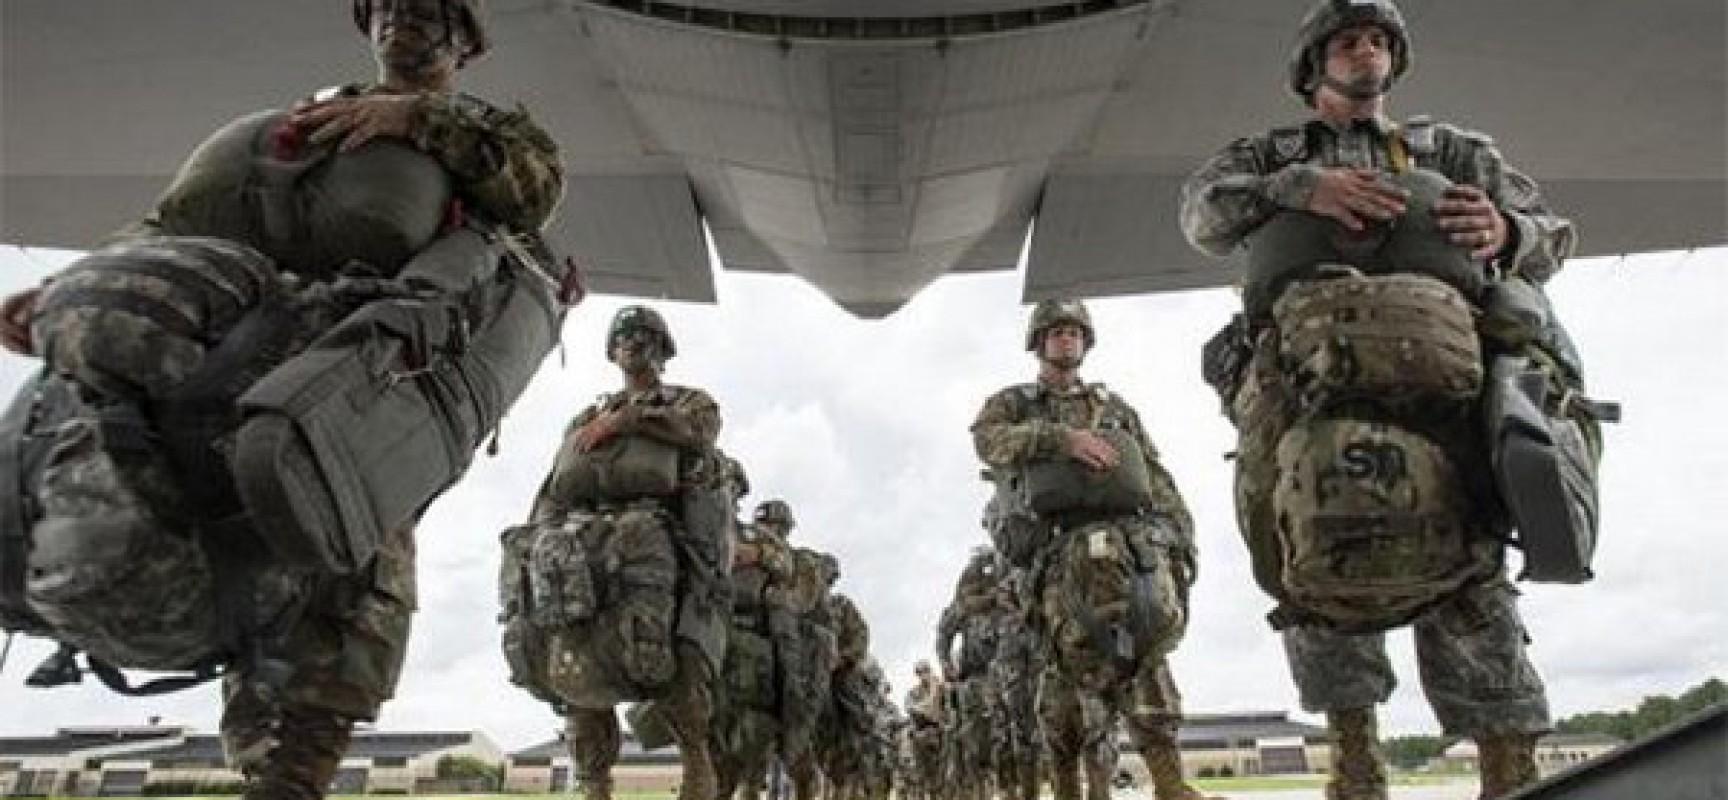 Les USA préparent la doctrine d'une guerre avec la Russie et la Chine.